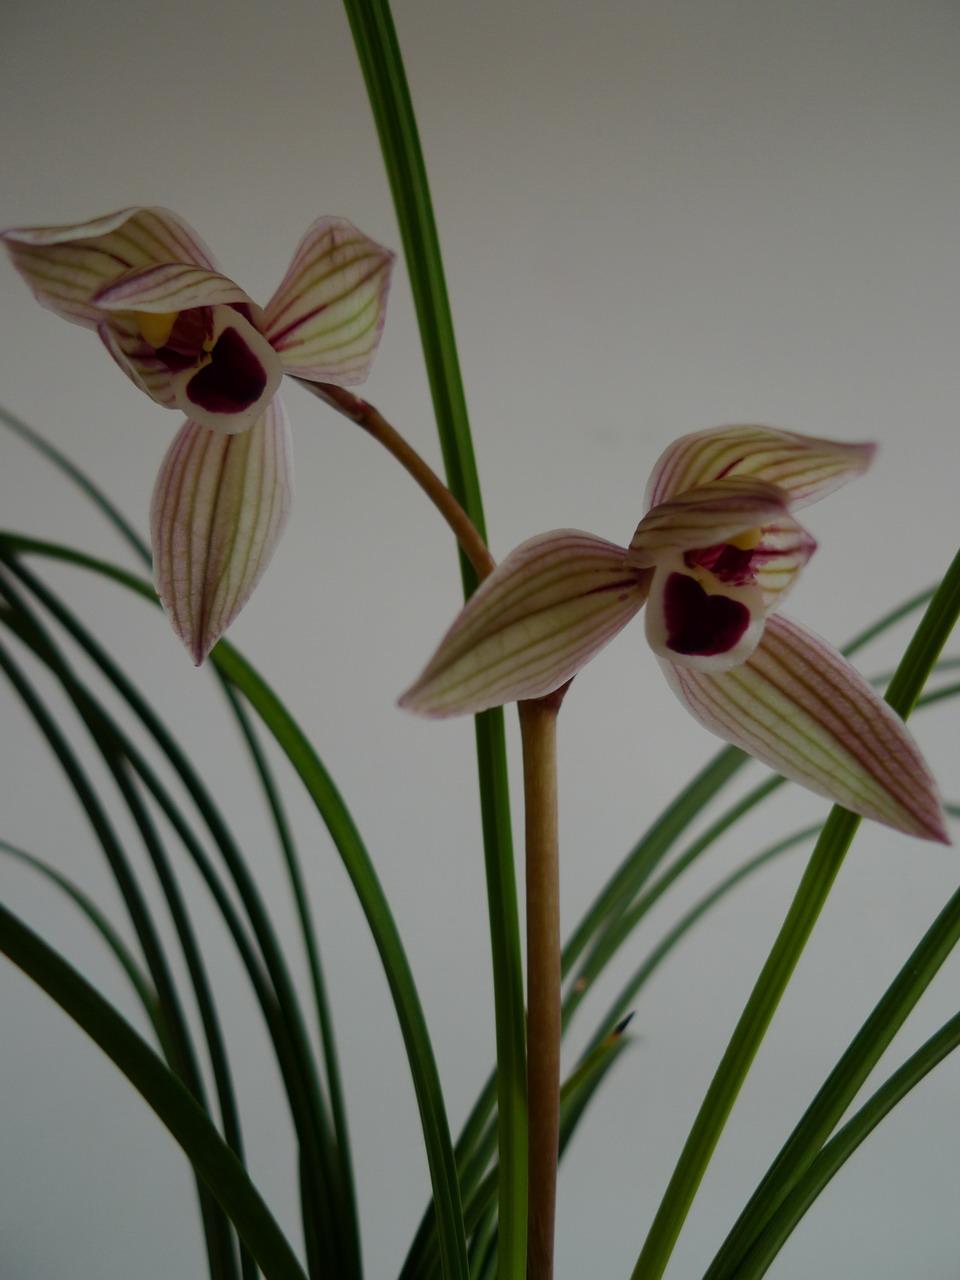 害 什么品种的兰花都养的有滋有味的 不佩服不行啊 -心心相映图片